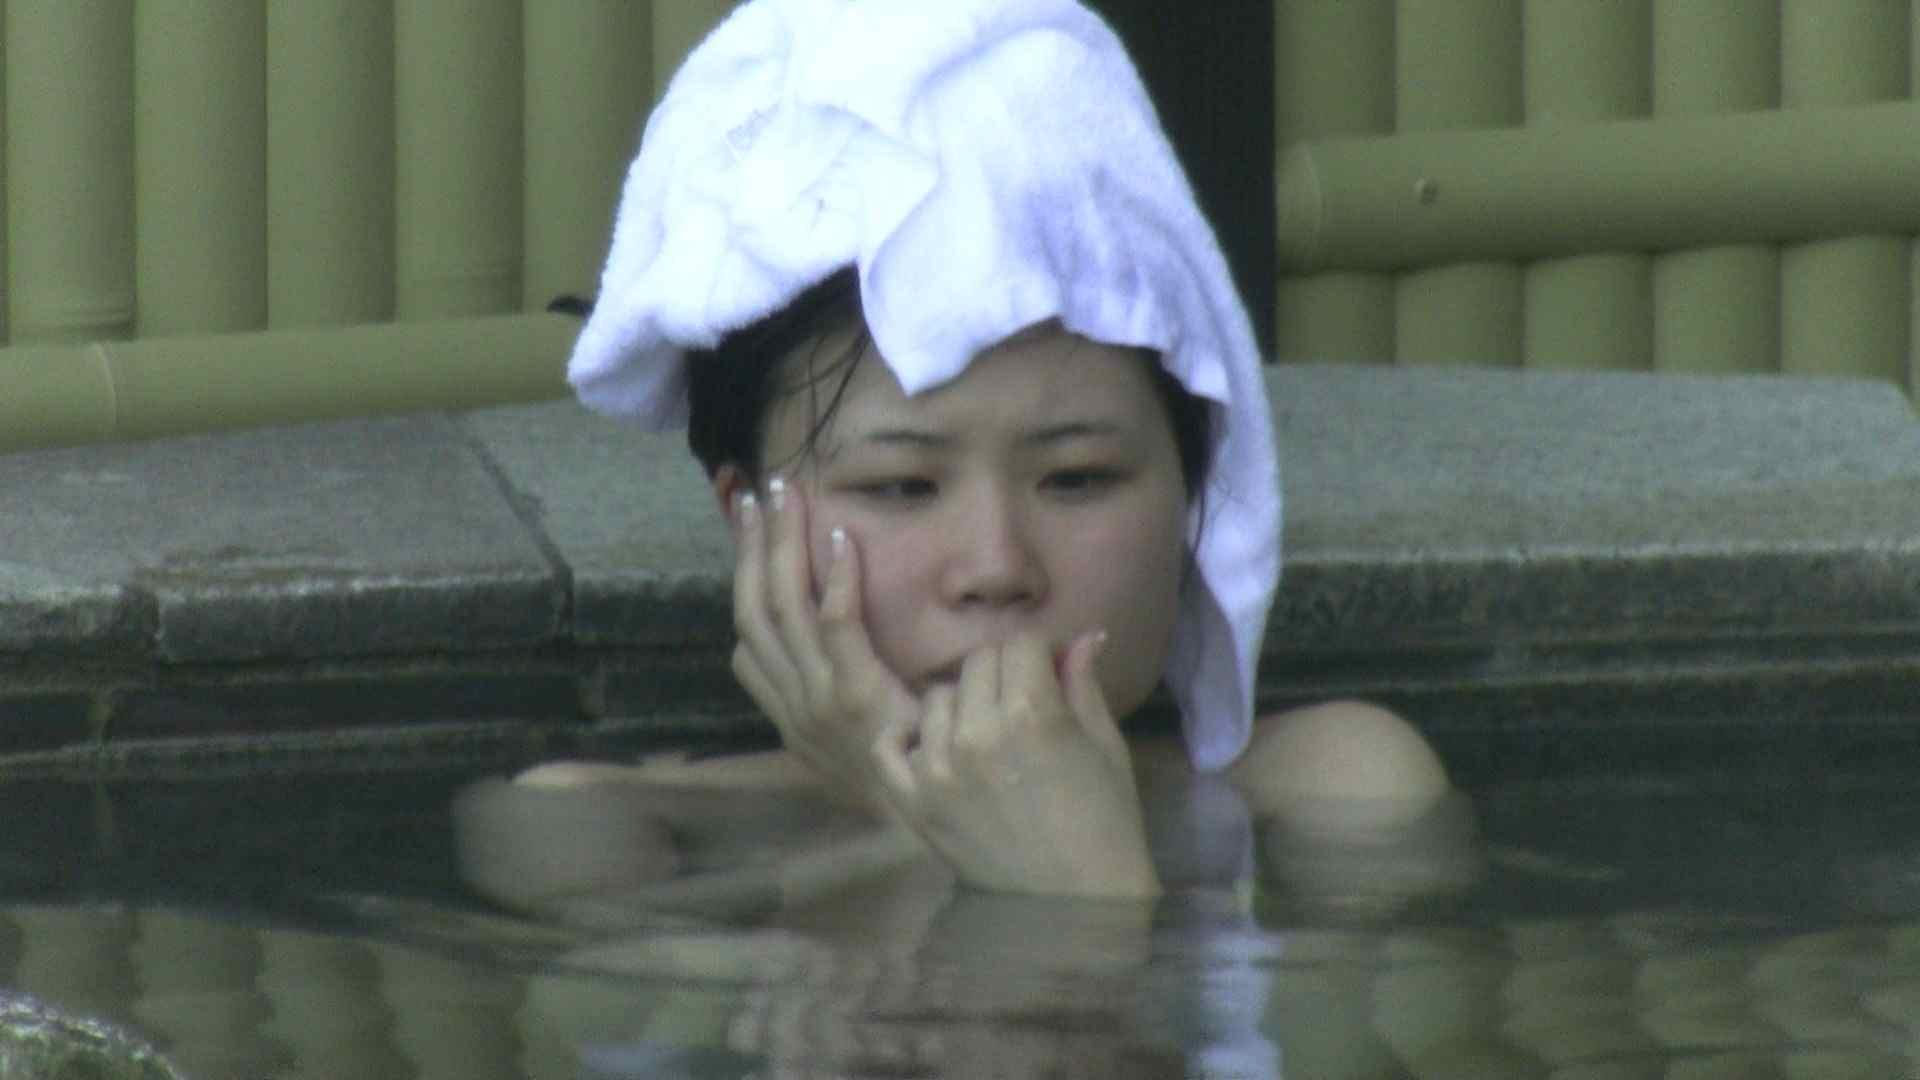 Aquaな露天風呂Vol.183 露天 オメコ動画キャプチャ 69画像 5